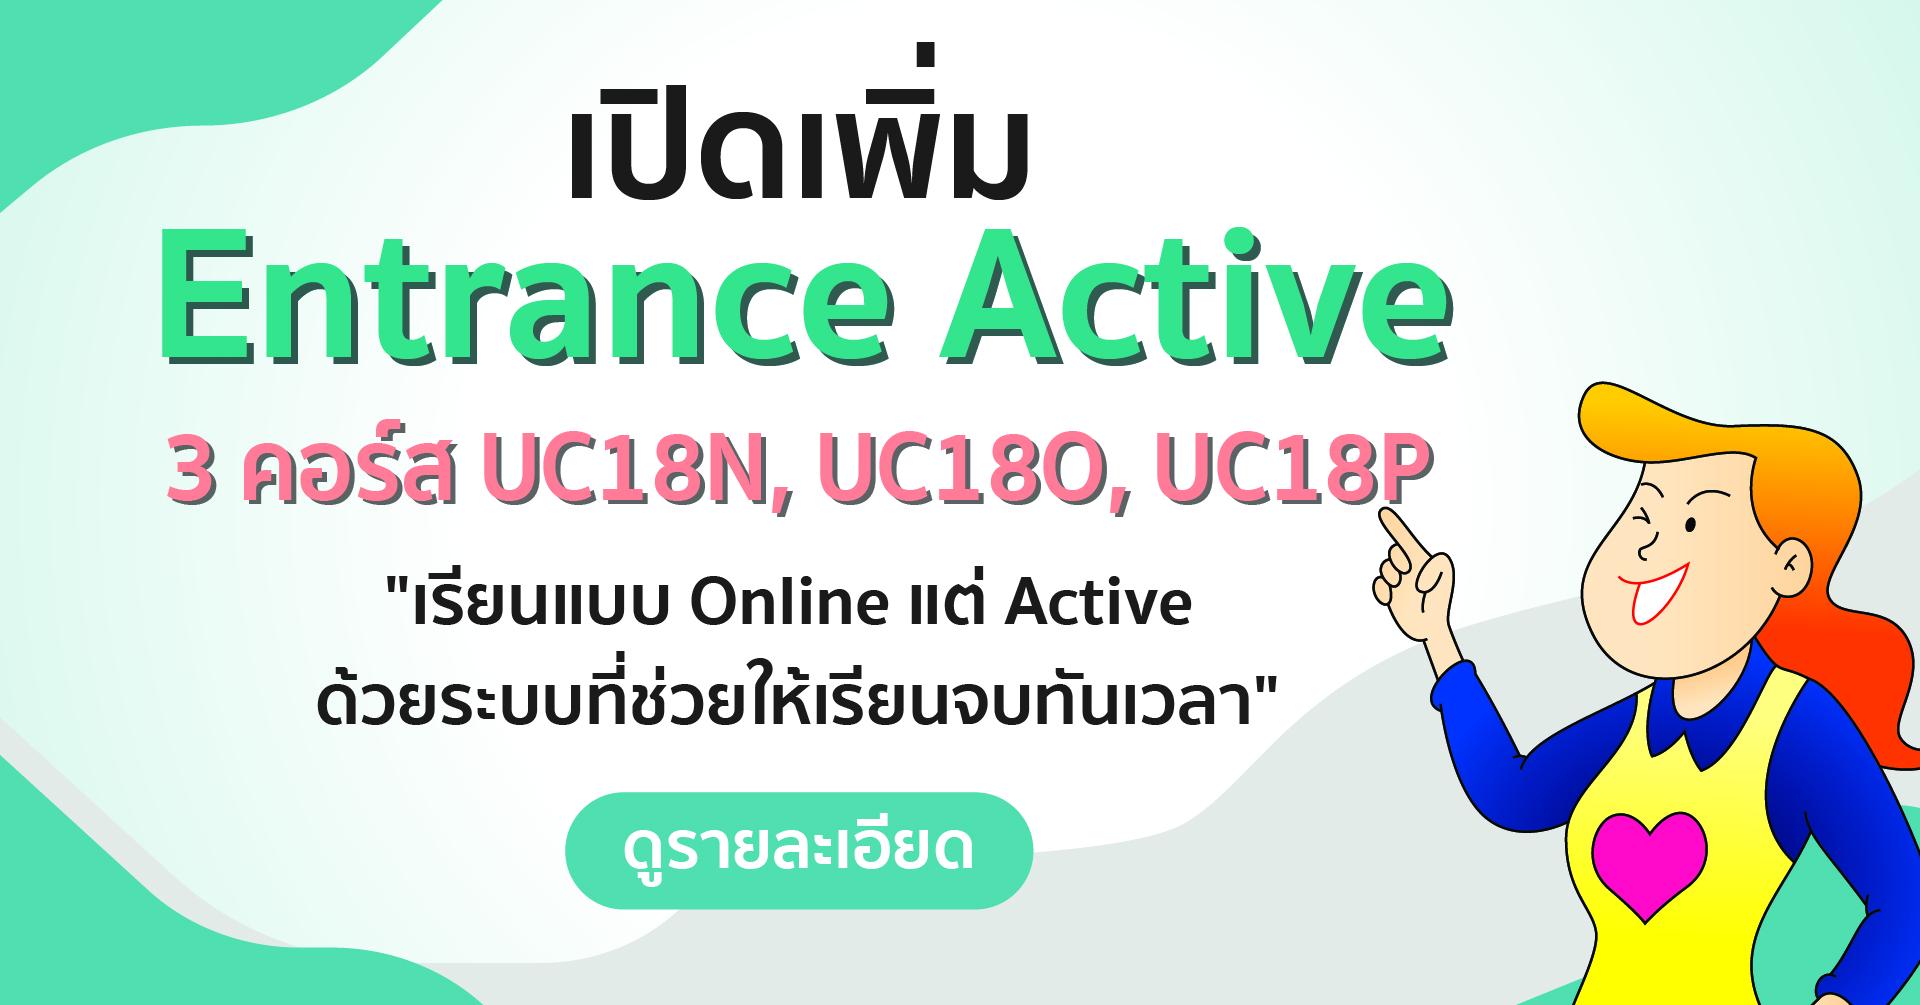 เปิดเพิ่ม!! ENTRANCE ACTIVE (UC18N,UC18O,UC18P) ของเดือนตุลา!!